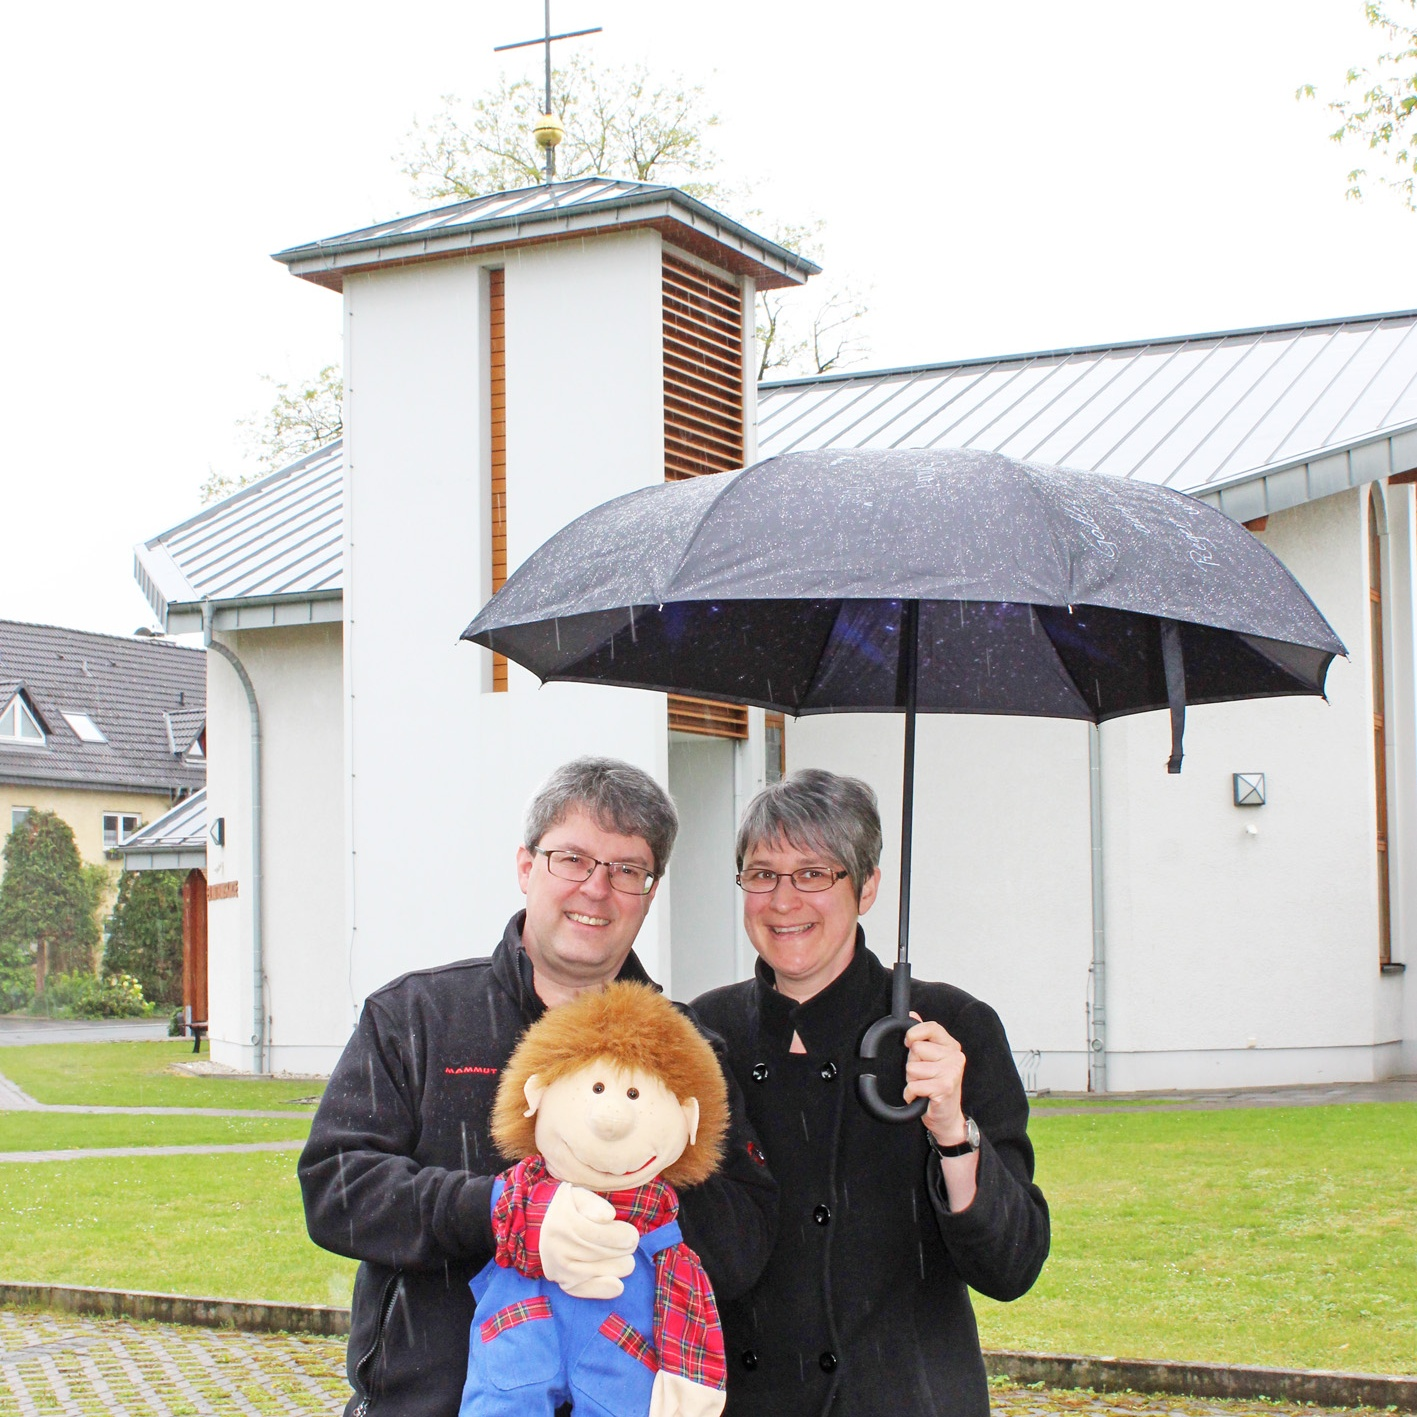 Neu im Matthäus-Bezirk: Pfarrehepaar Daniela und Thomas Walter Gutes bewahren und gemeinsam Neues entwickeln